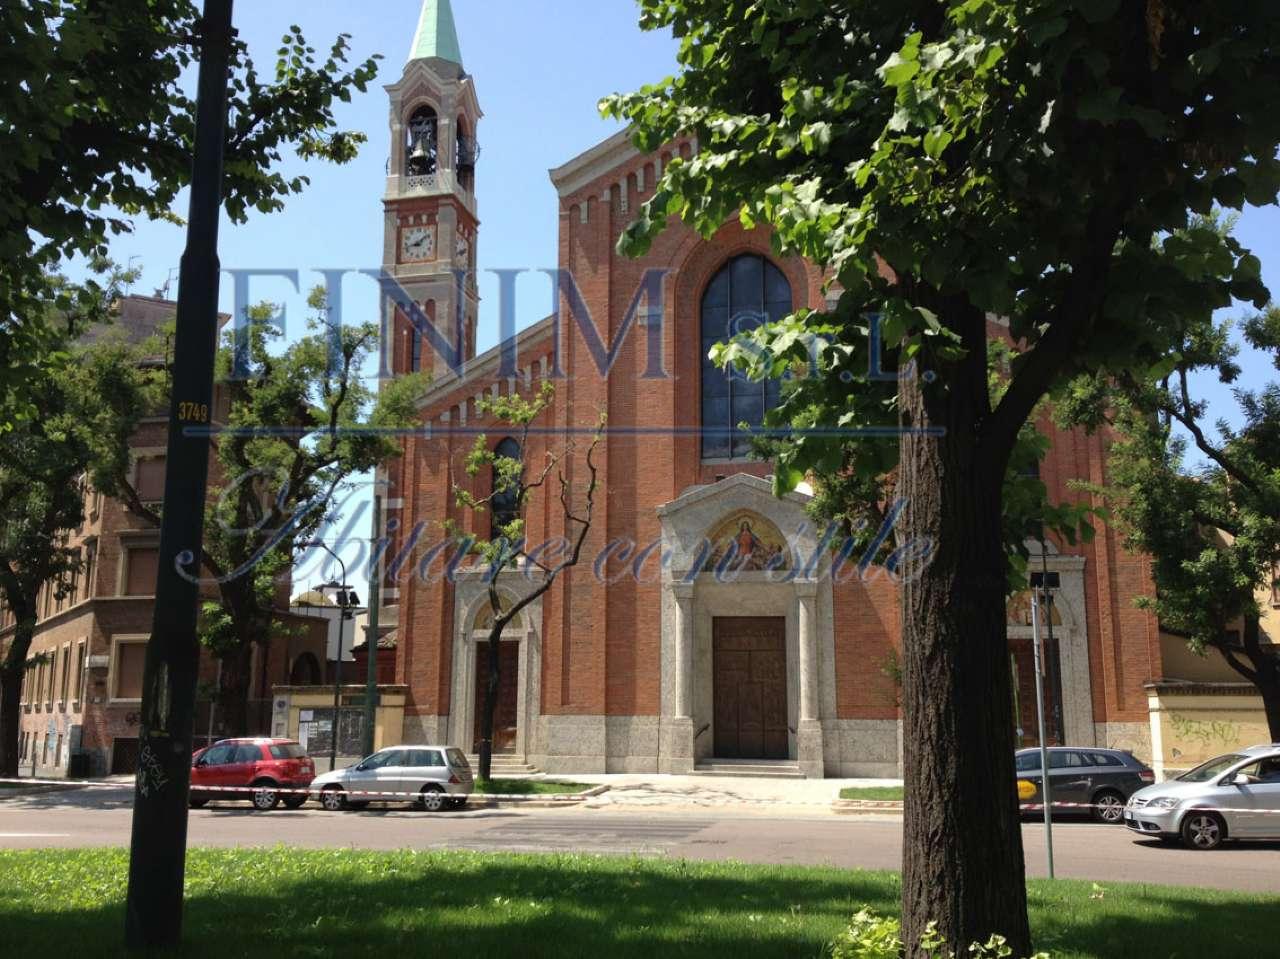 Ufficio-studio in Affitto a Milano 16 Savona / San Cristoforo / Napoli / Coni Zugna: 85 mq